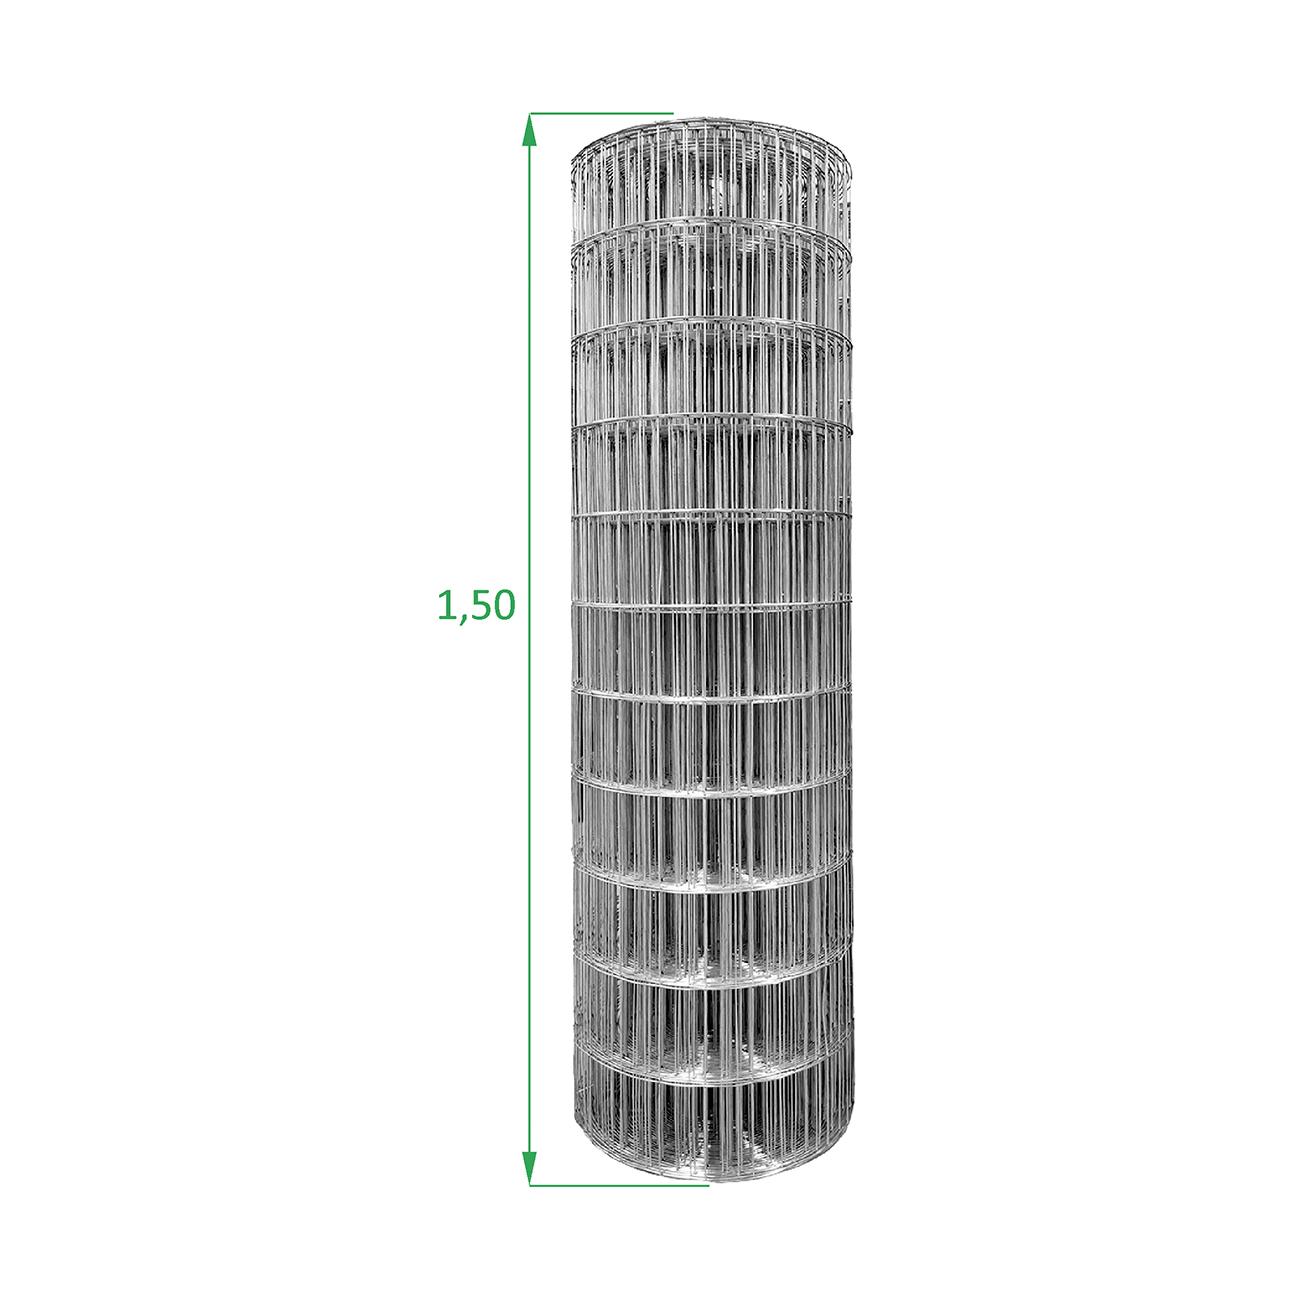 Tela Galvanizada Soldada - 1,50 x 25 m - Malha 5x10 cm